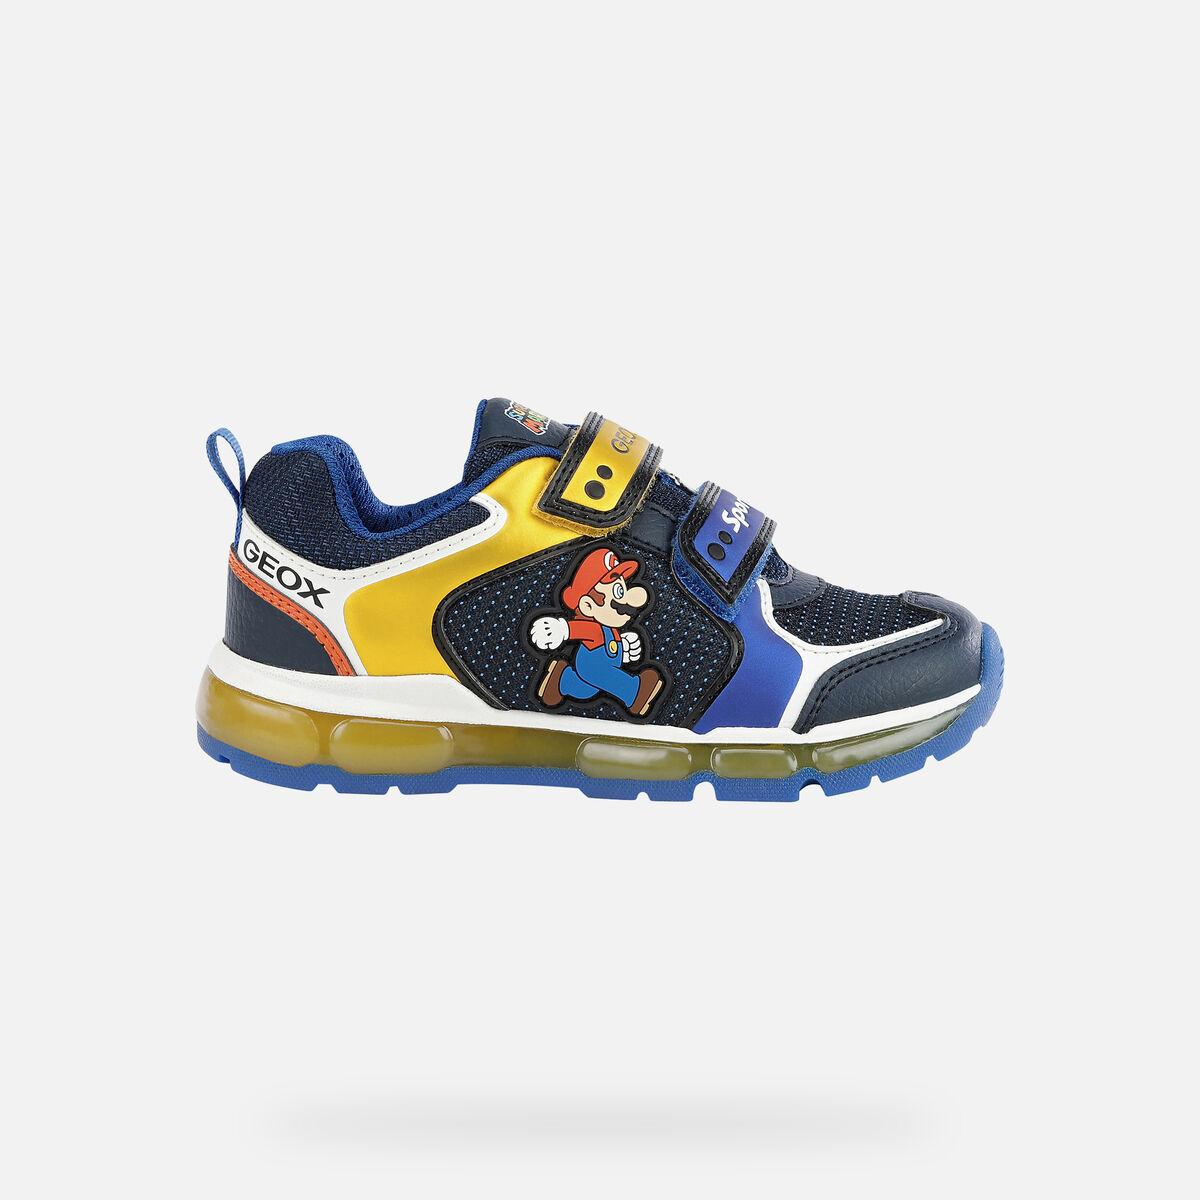 Αγόρι Sneaker Suer Mario φωτάκια  μπλέ J1644Α 0FU50 C0335